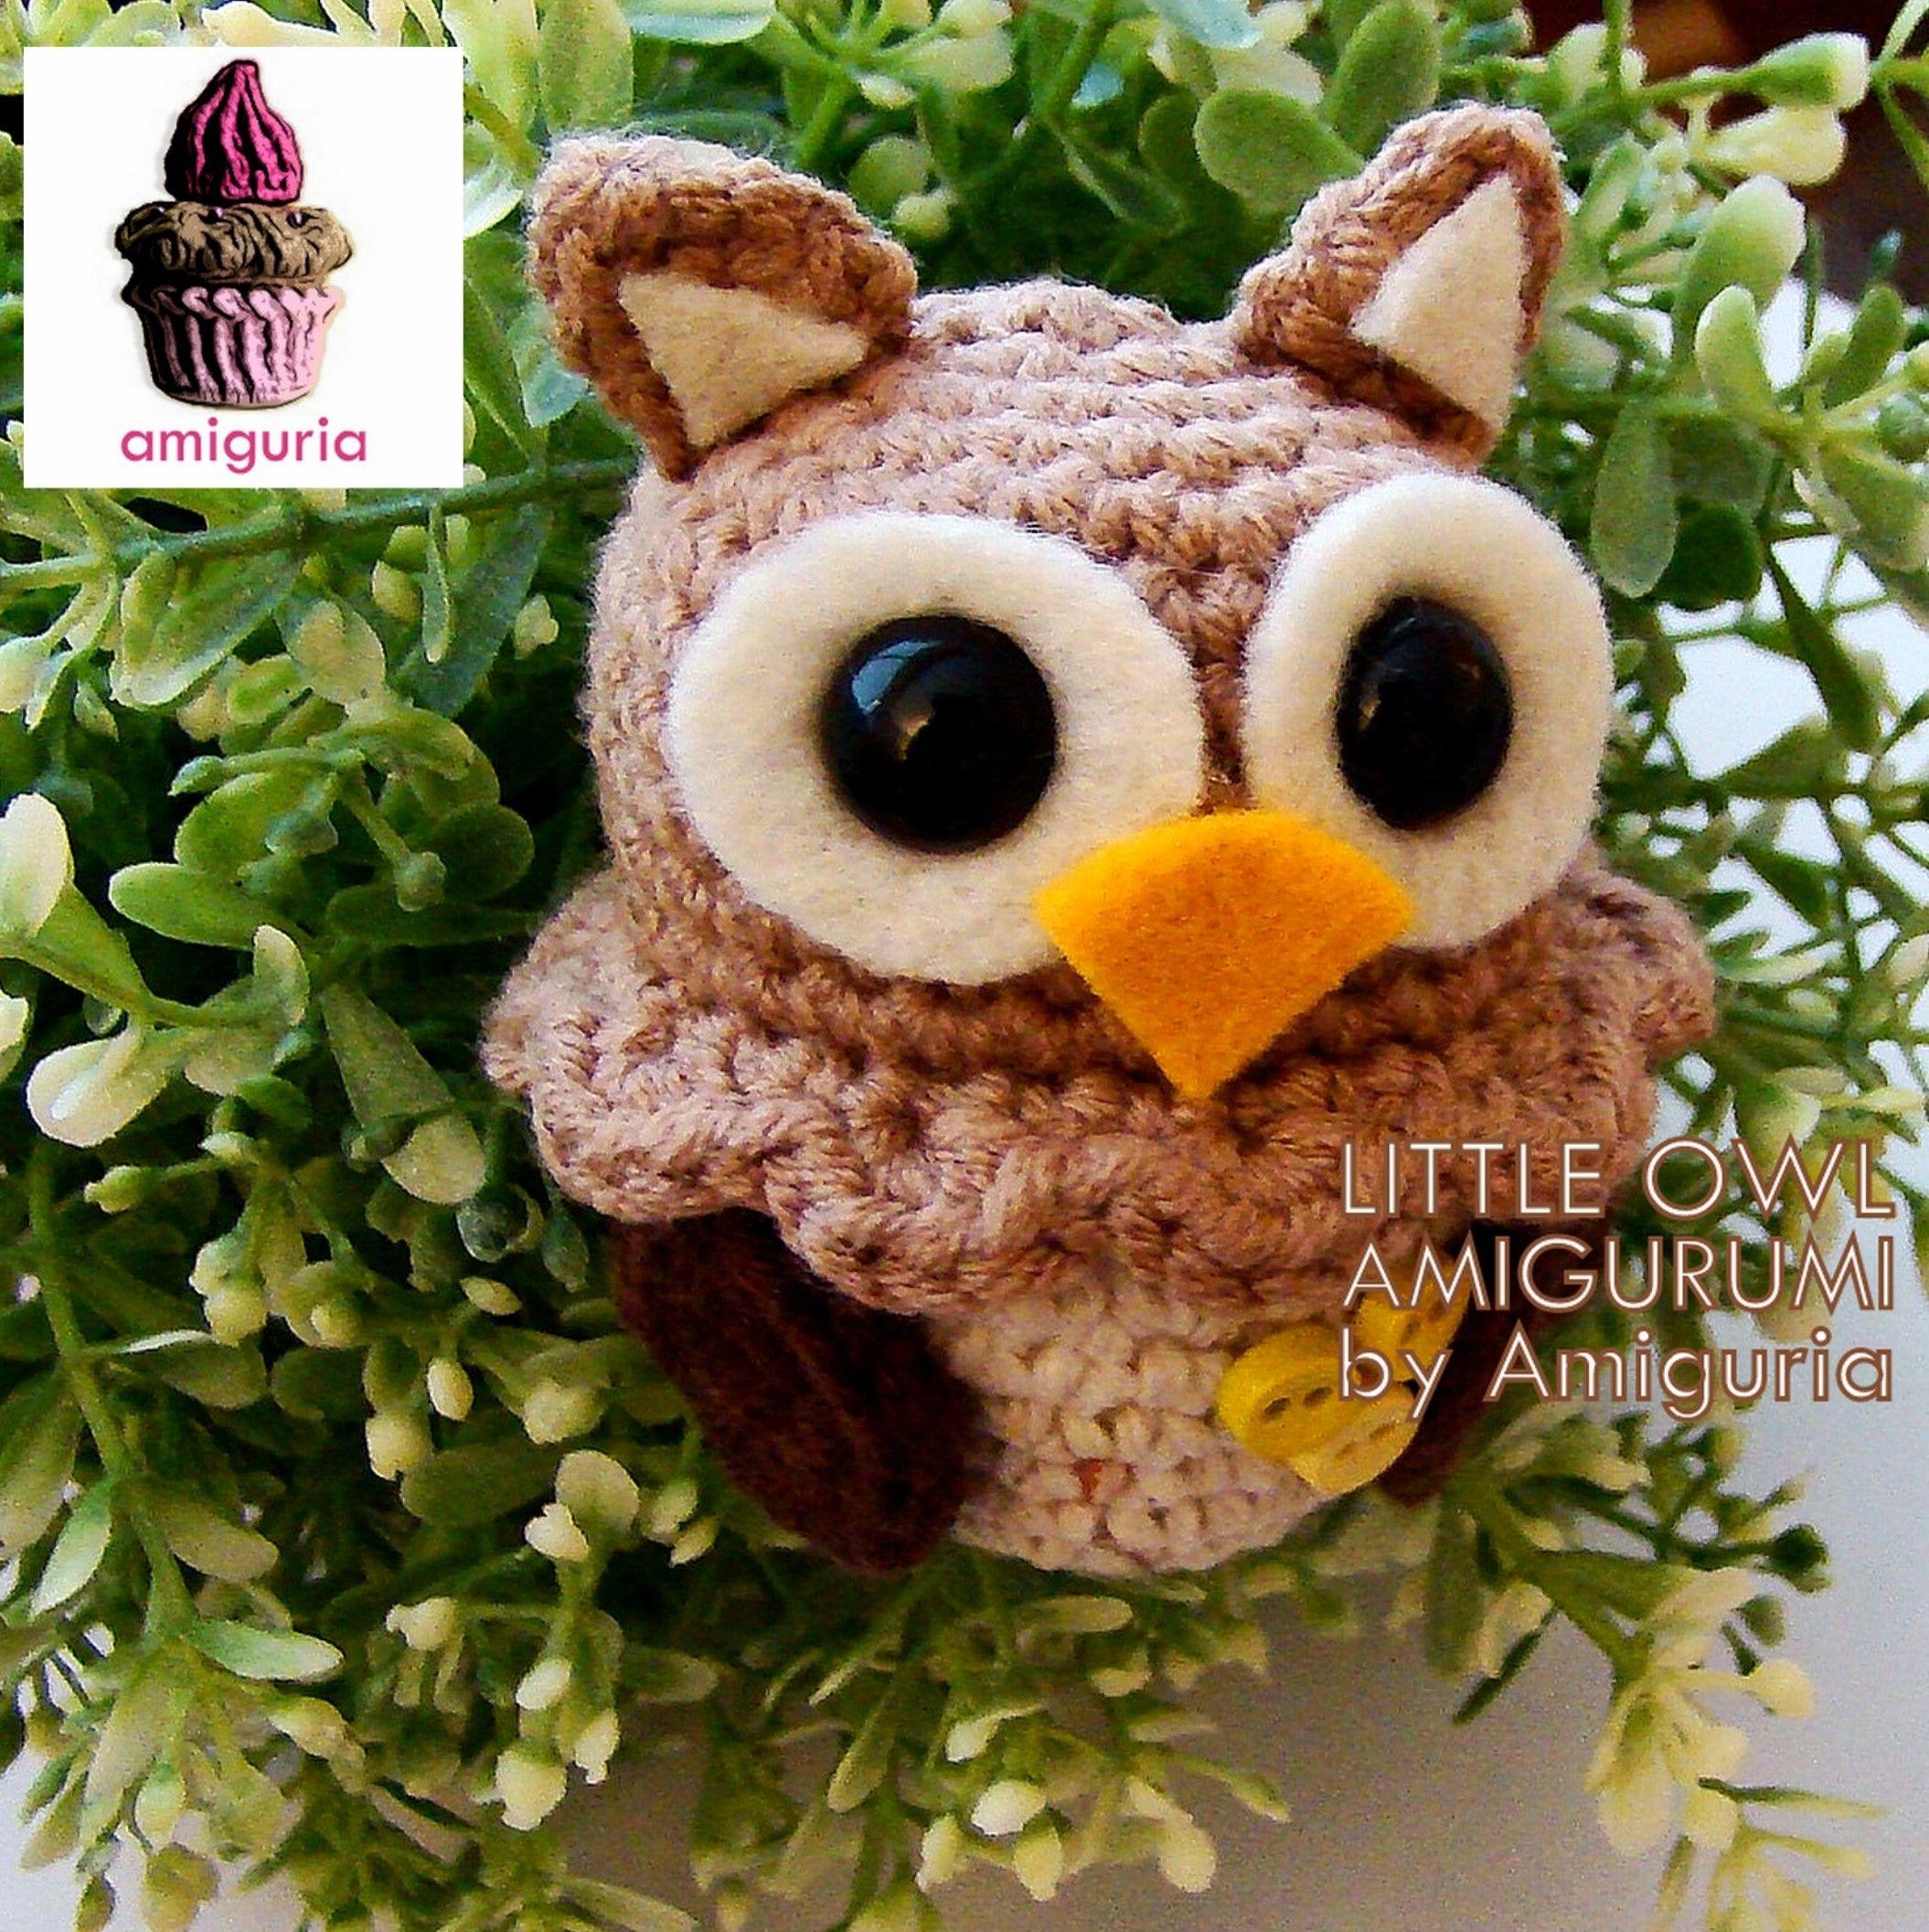 Little owl Amigurumi by Amiguria | Amigurumi by Amiguria | Pinterest ...